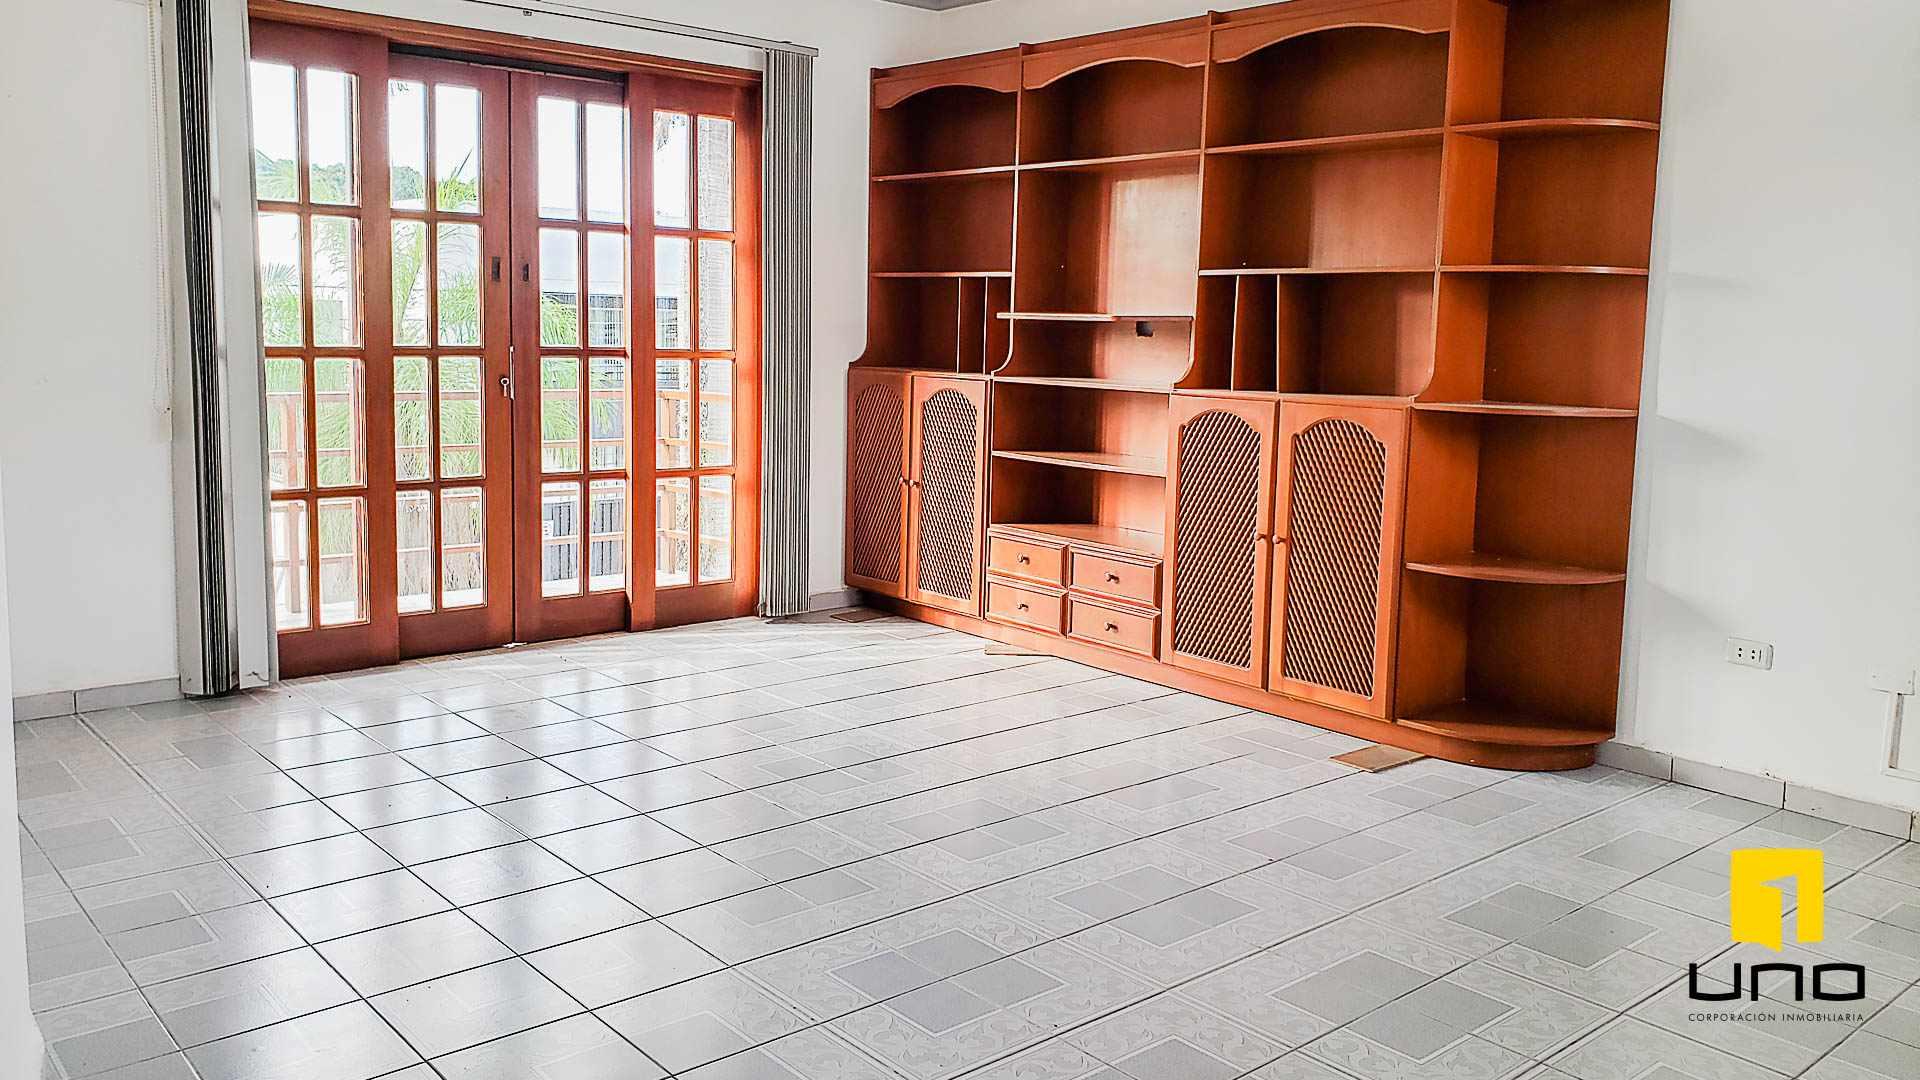 Casa en Alquiler BARRIO EQUIPETROL ALQUILO AMPLIA CASA PARA OFICINAS Foto 7